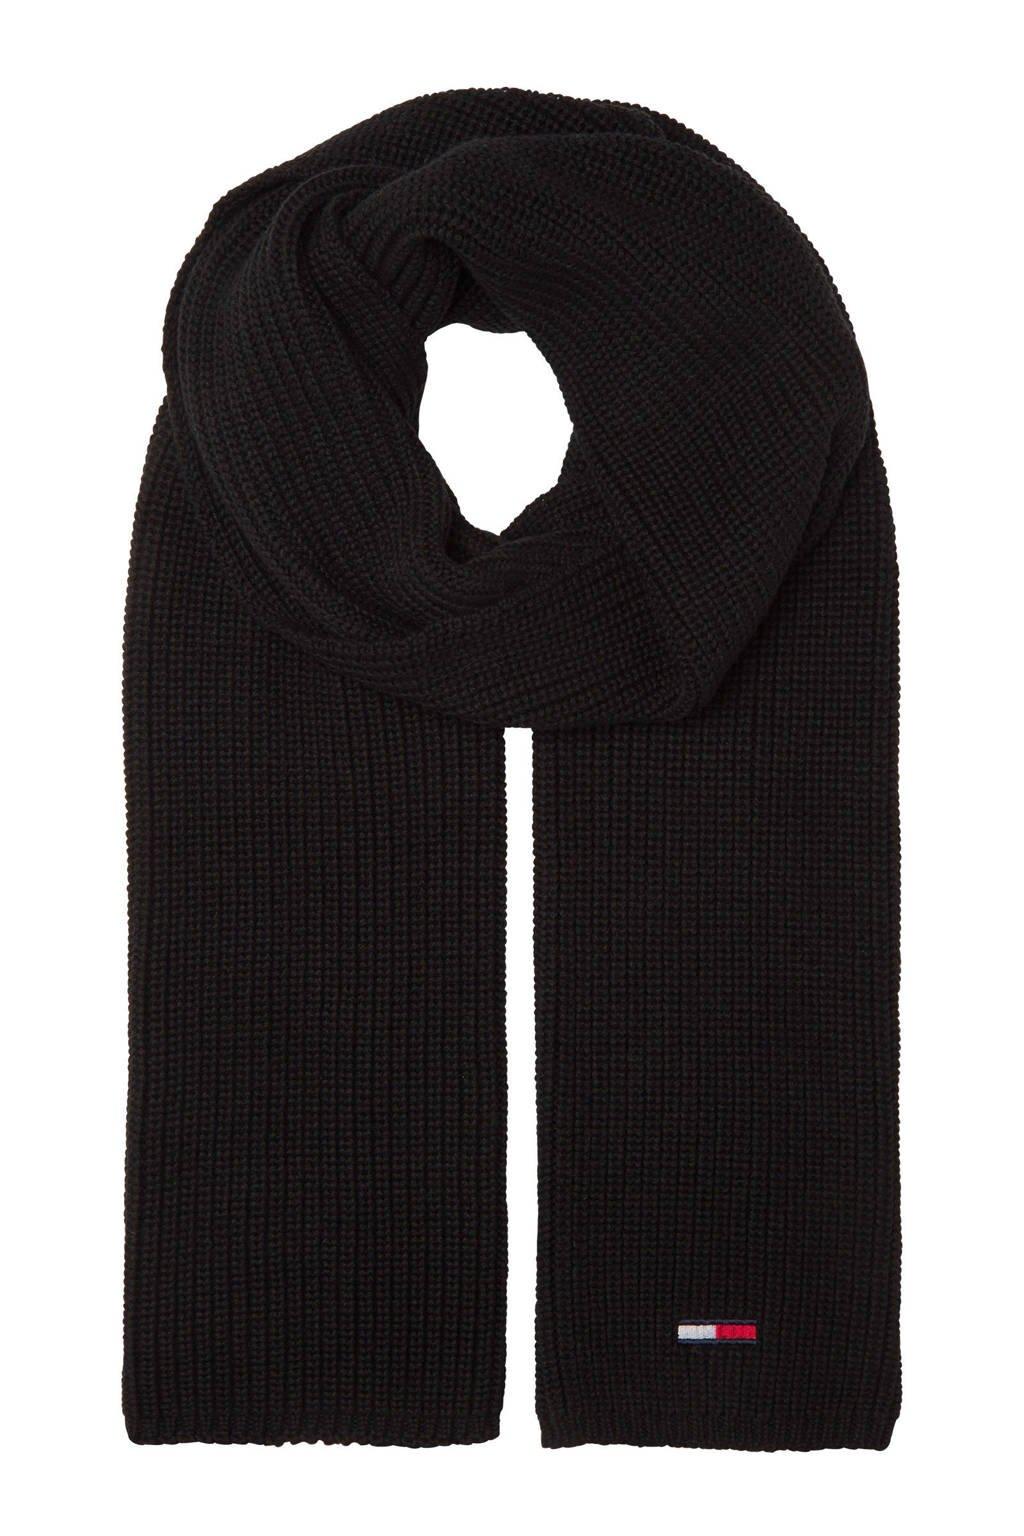 Tommy Hilfiger ribgebreide sjaal zwart, Zwart